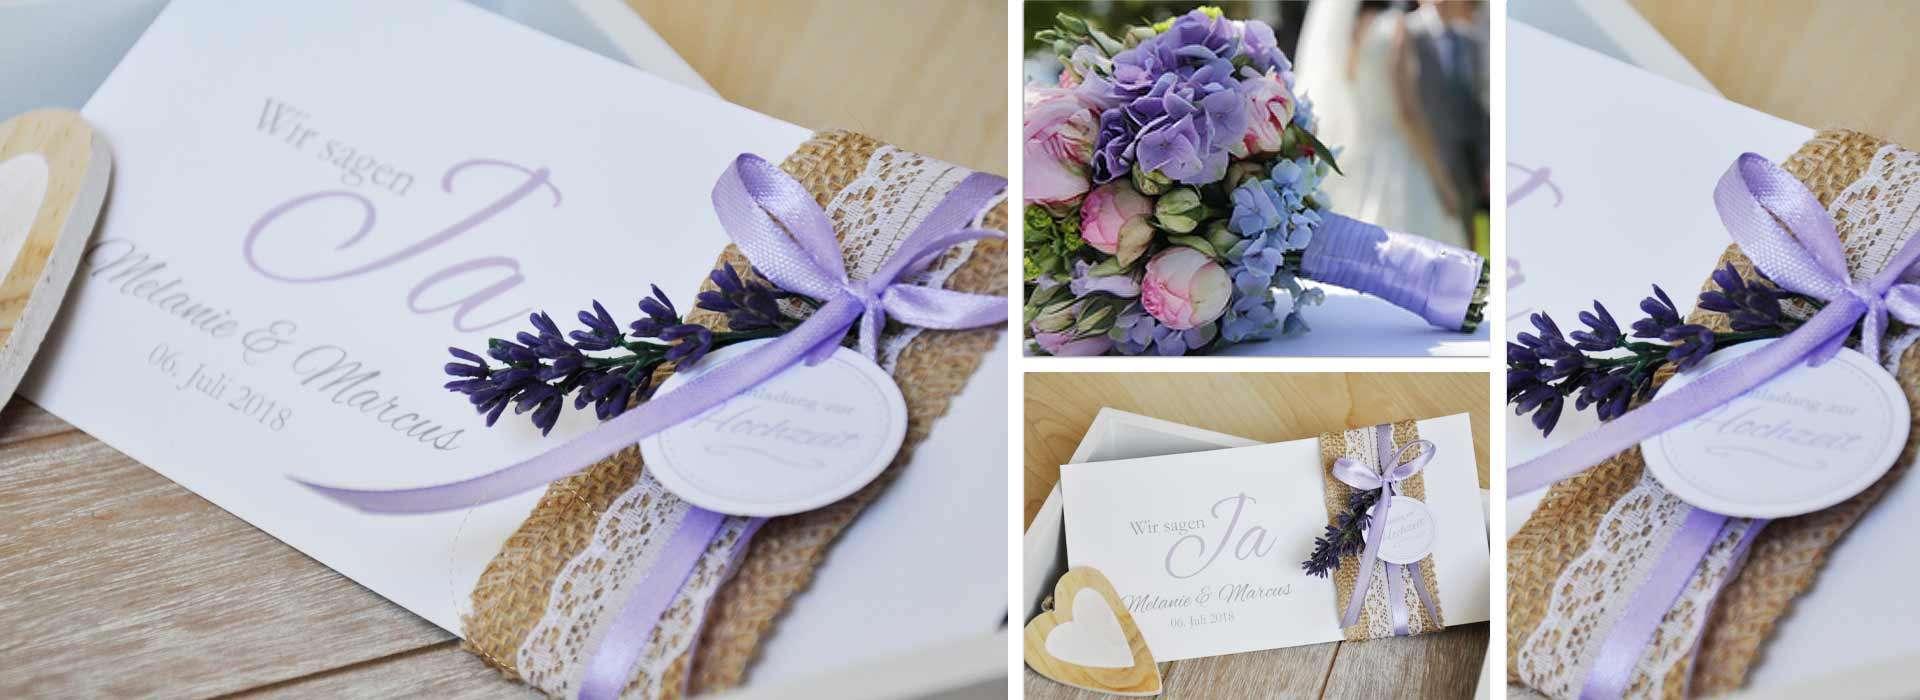 Die schönsten Einladungen zur Hochzeit im Vintage Style